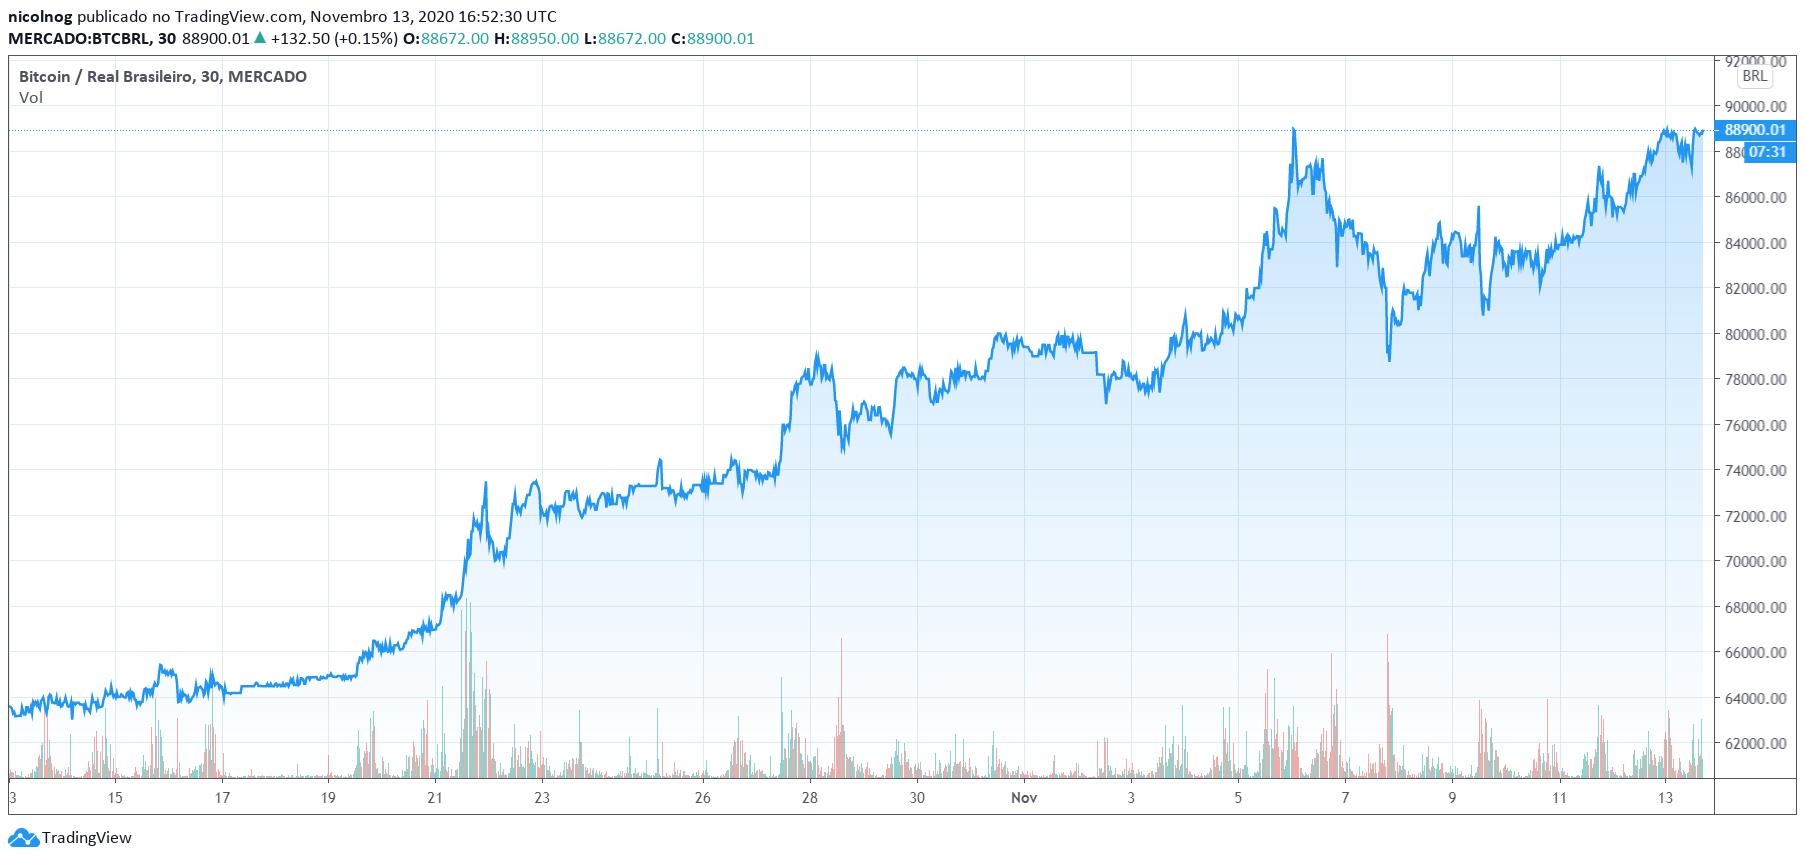 Valorização do Bitcoin nos últimos 30 dias